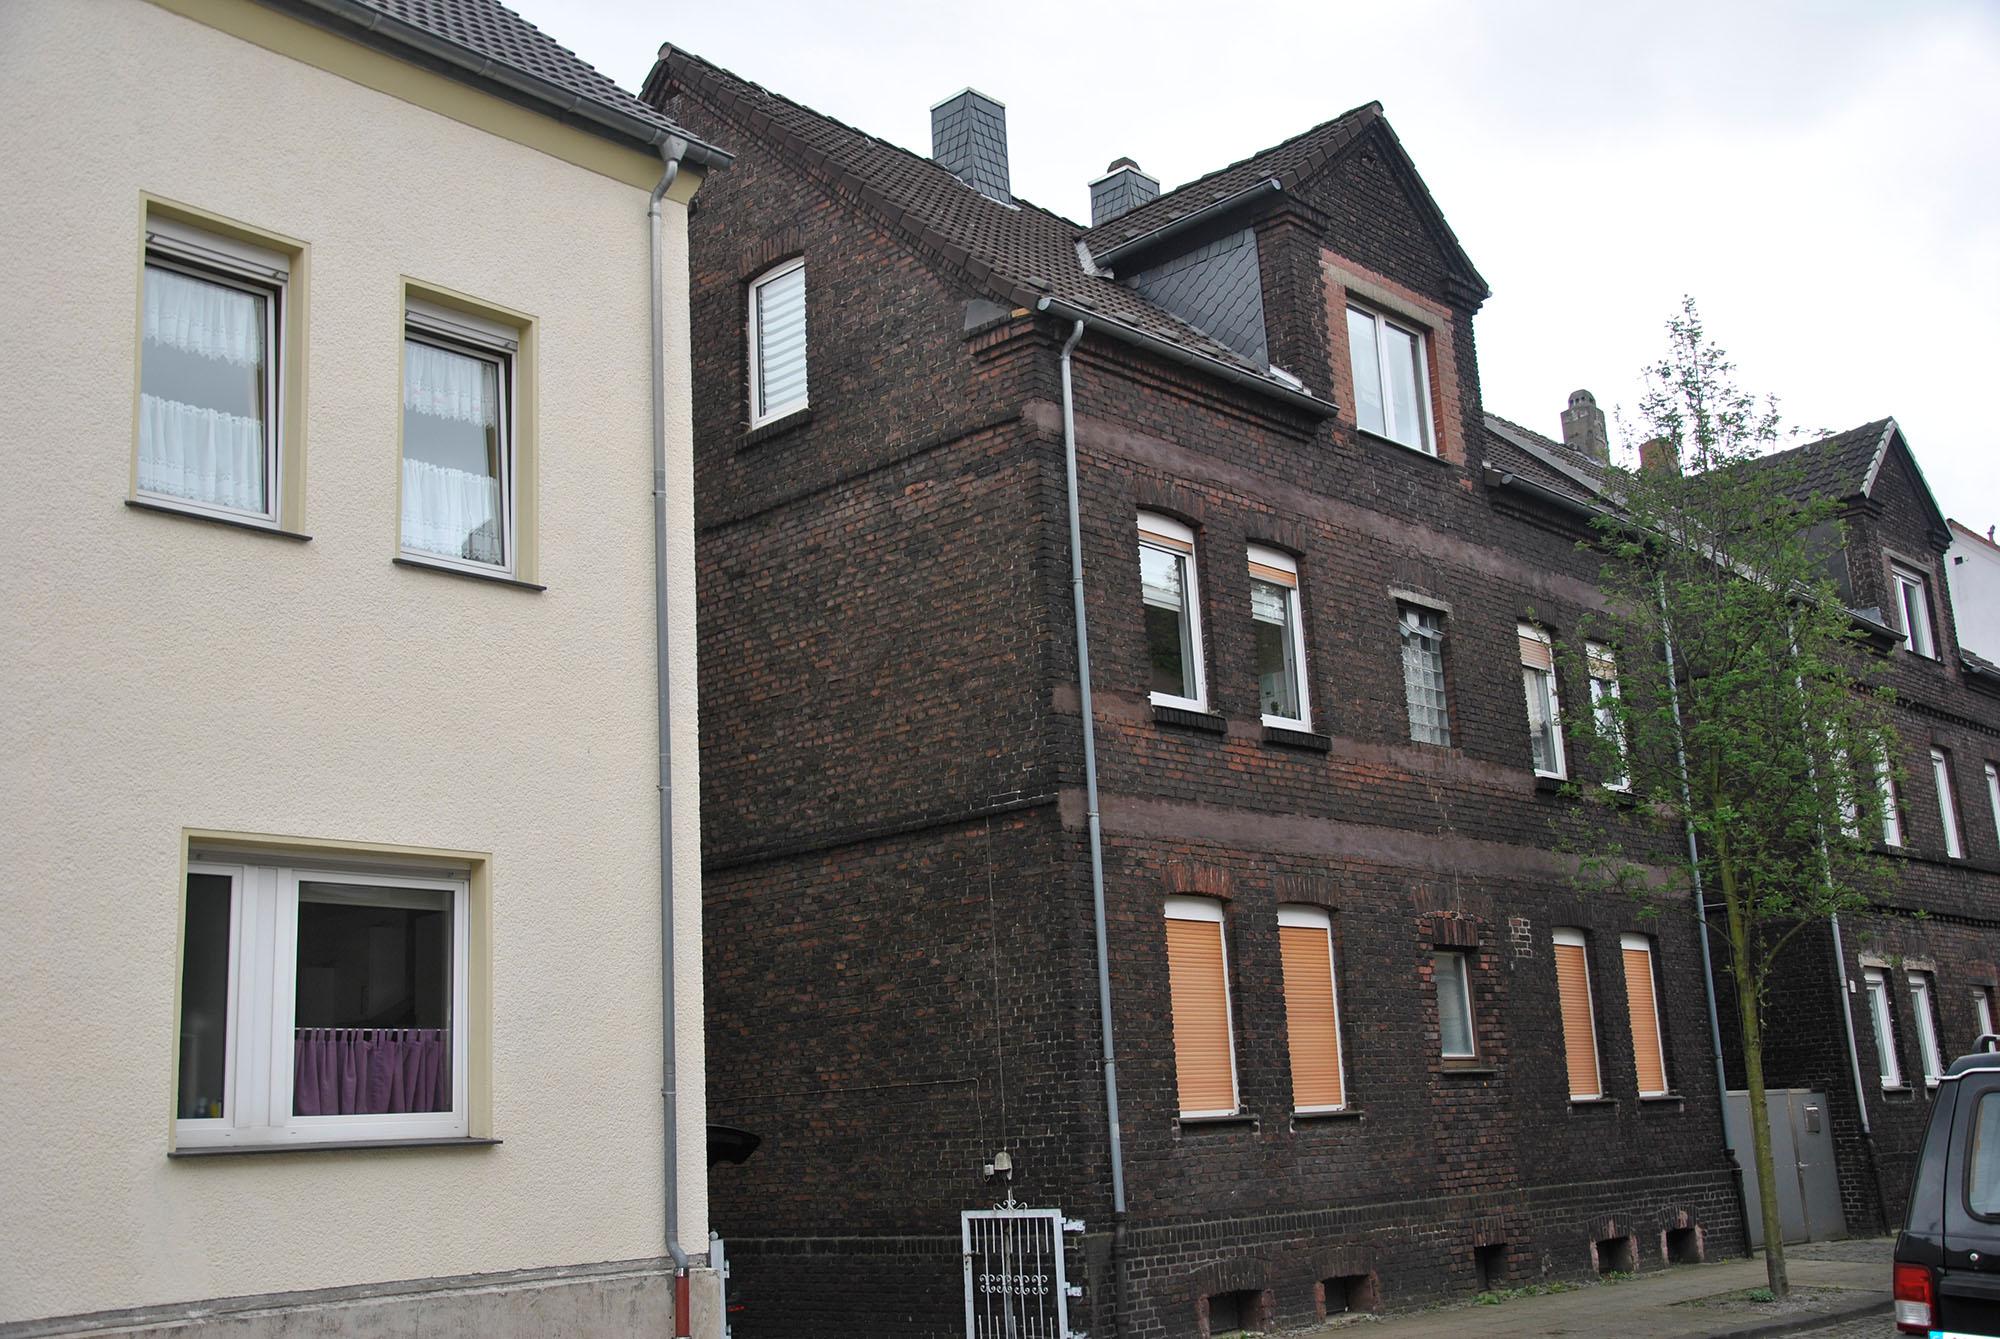 Vorderansicht eines Mehrfamilienhauses in Herne